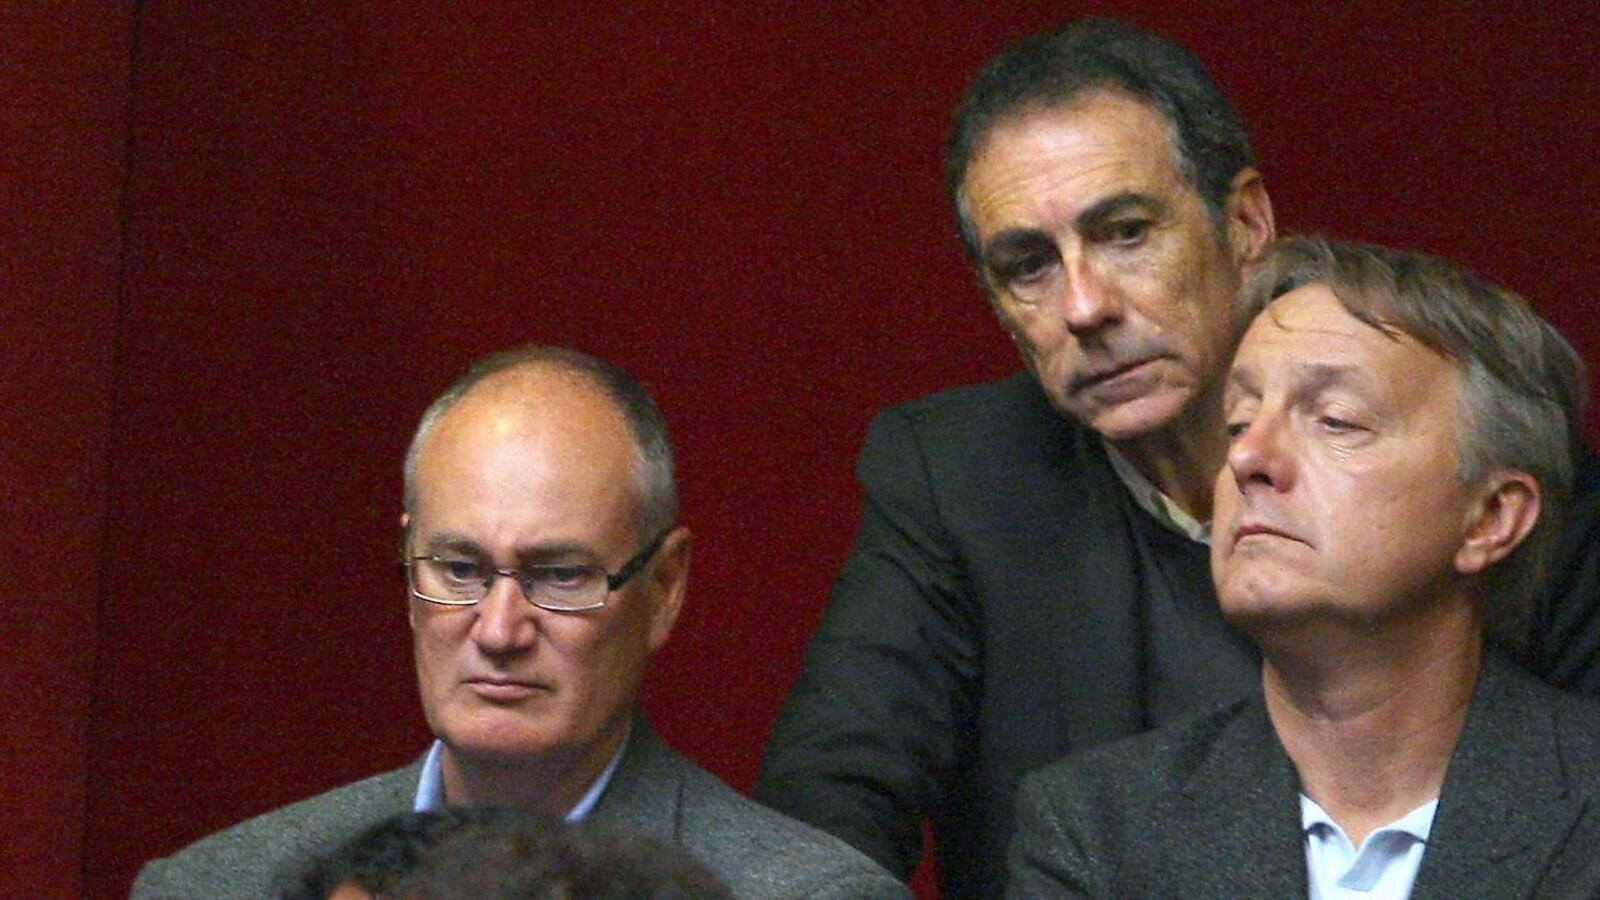 Trois hommes semblent regarder différentes choses.